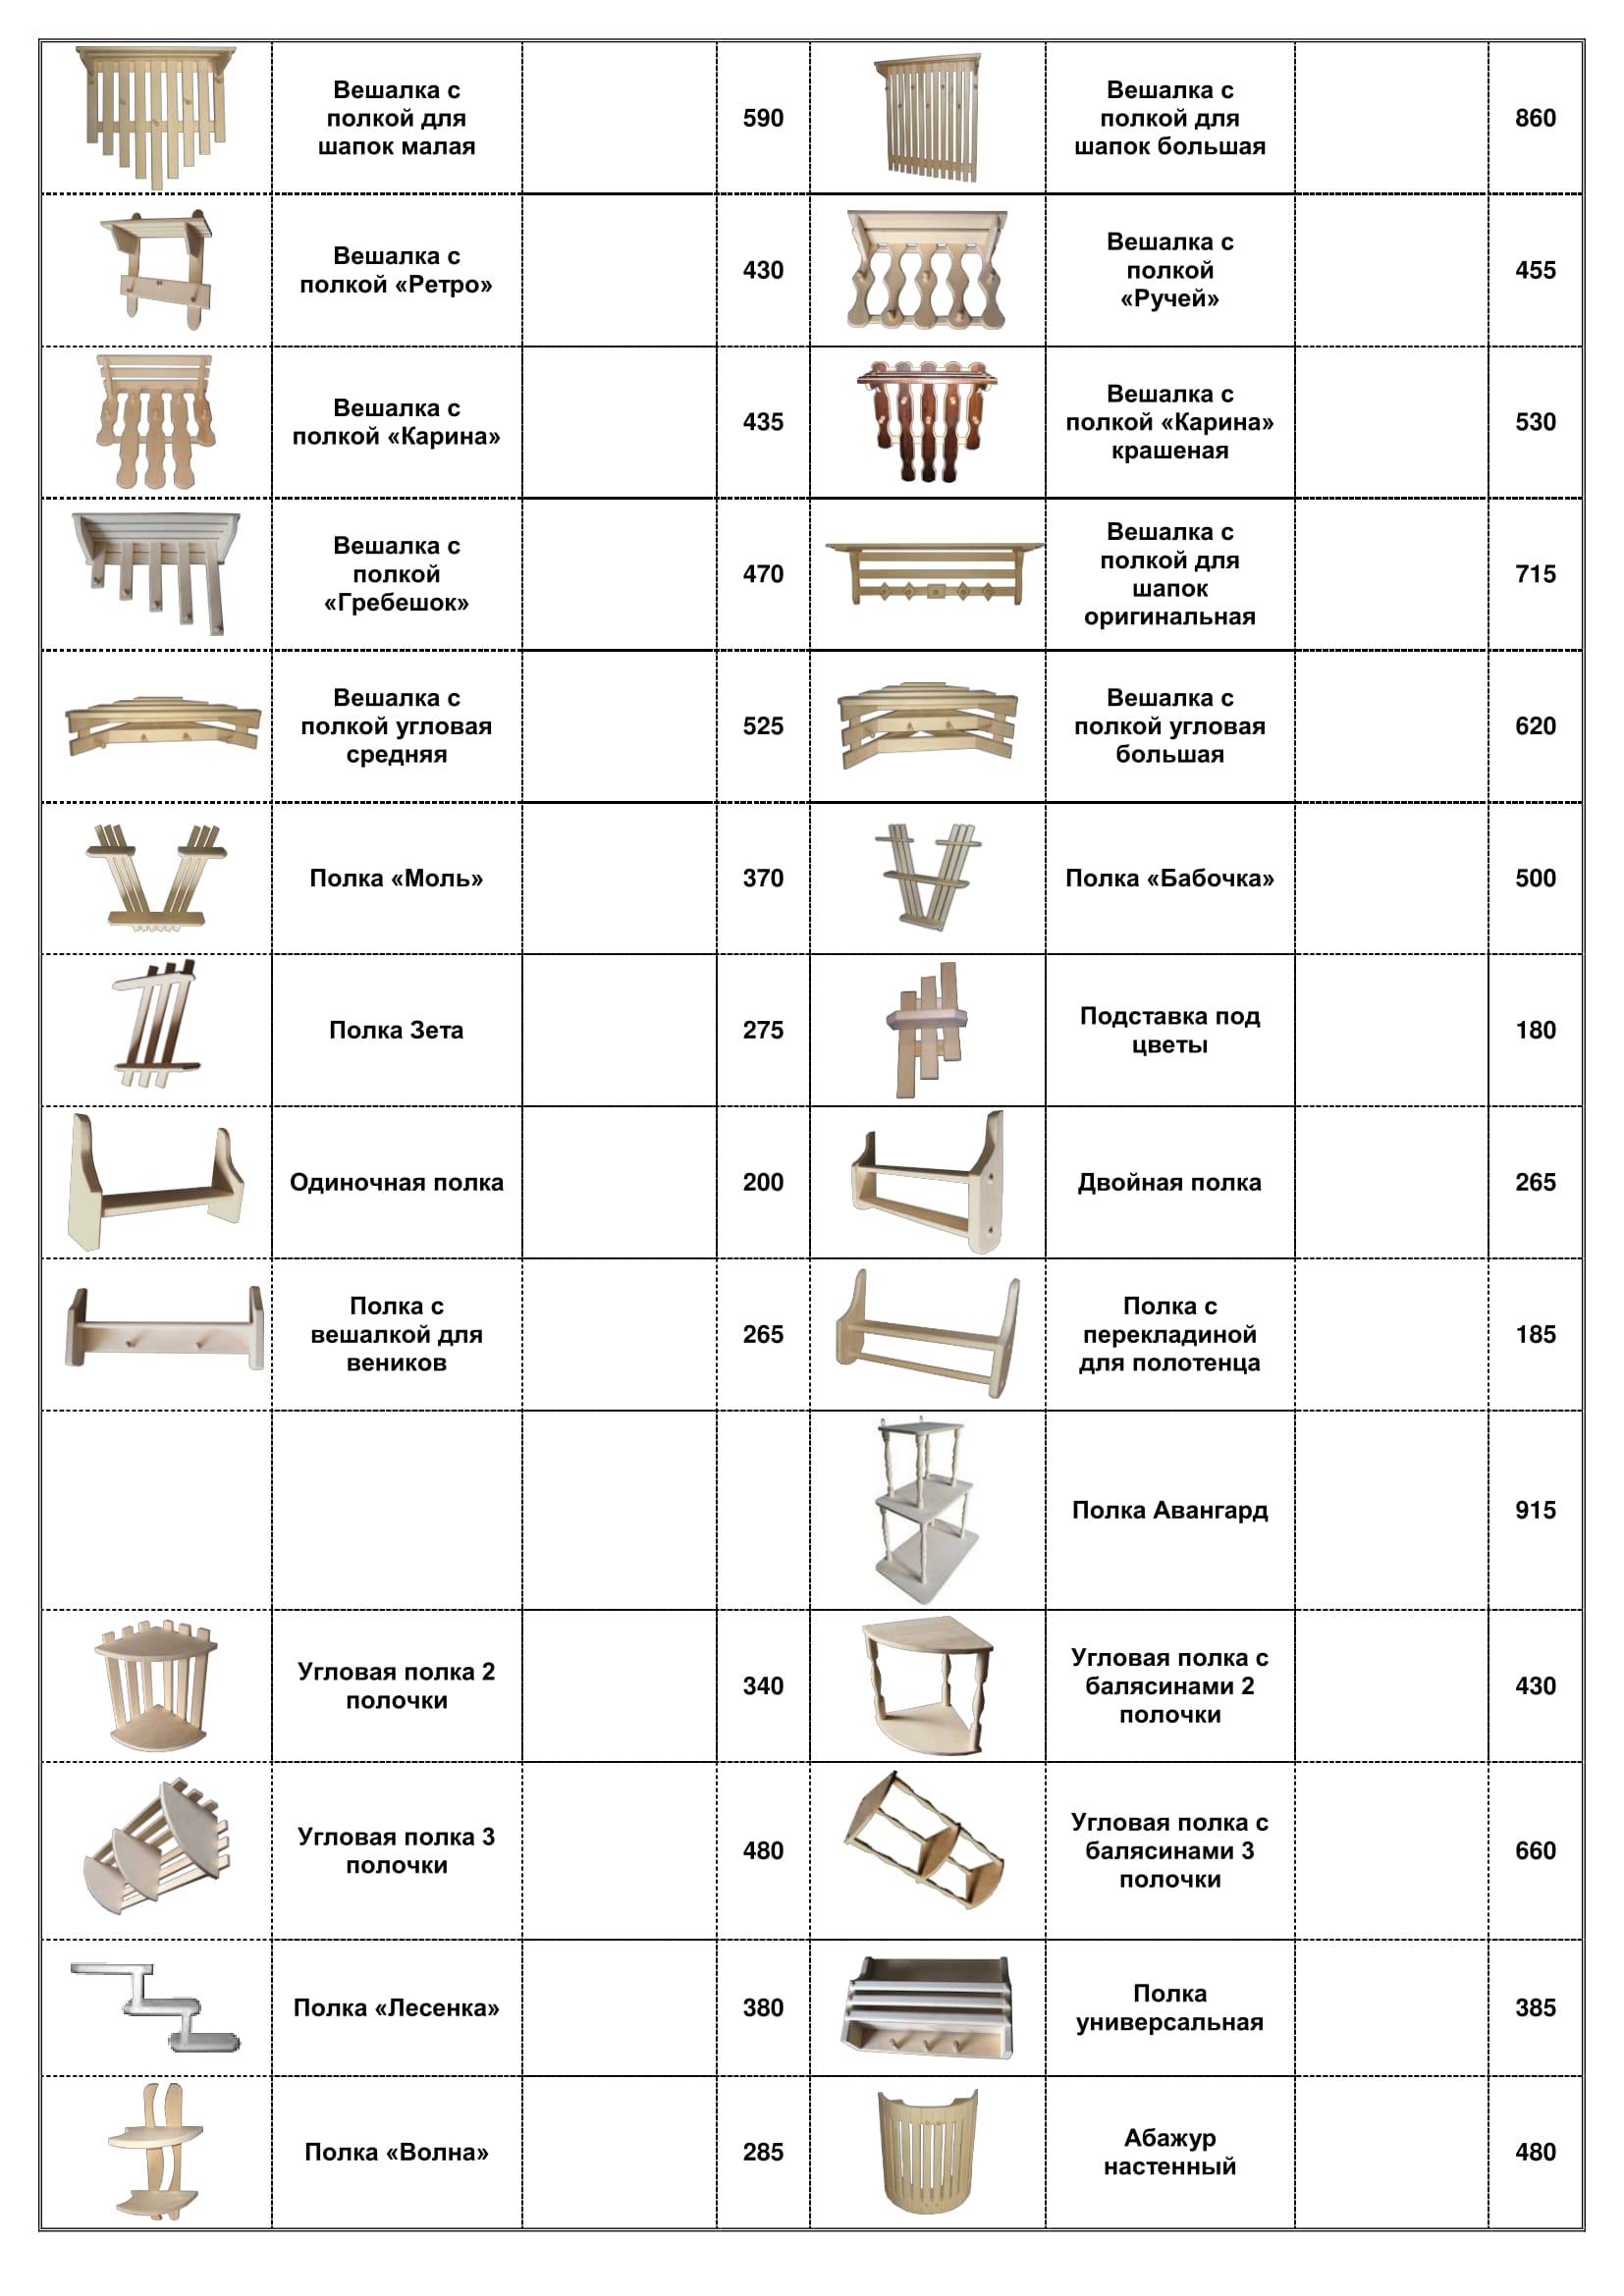 Прайс лист на мебель для бани и сауны из липы в городе Сергиев Посад